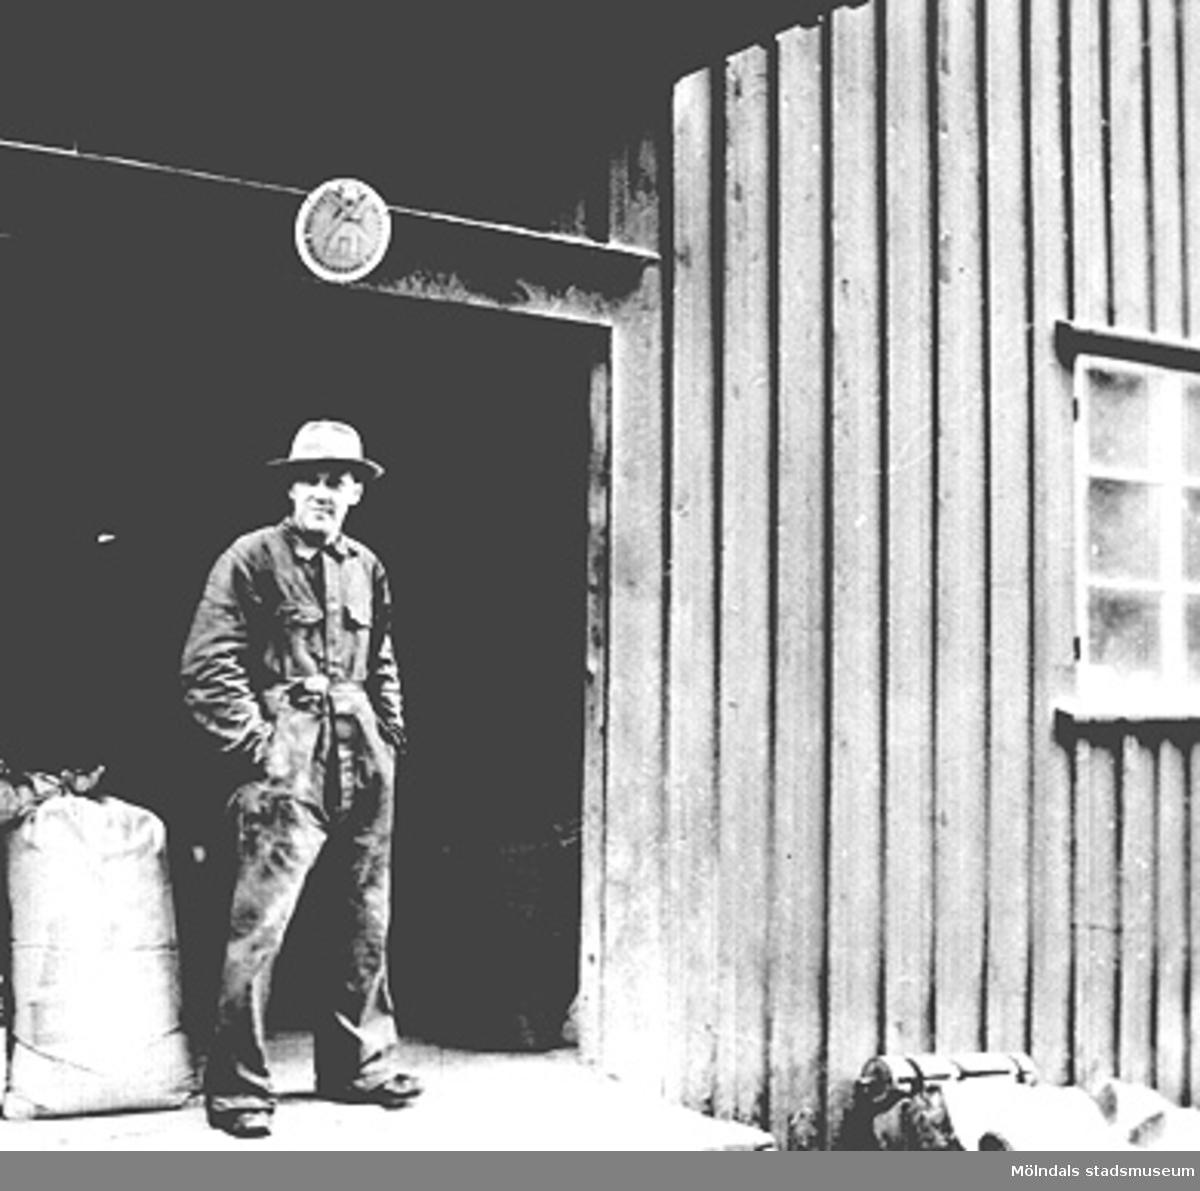 Mjölnaren Ernst Ellerot vid lastbryggan utanför Ålgårdsbacka kvarn. Fotograf och årtal är okänt.